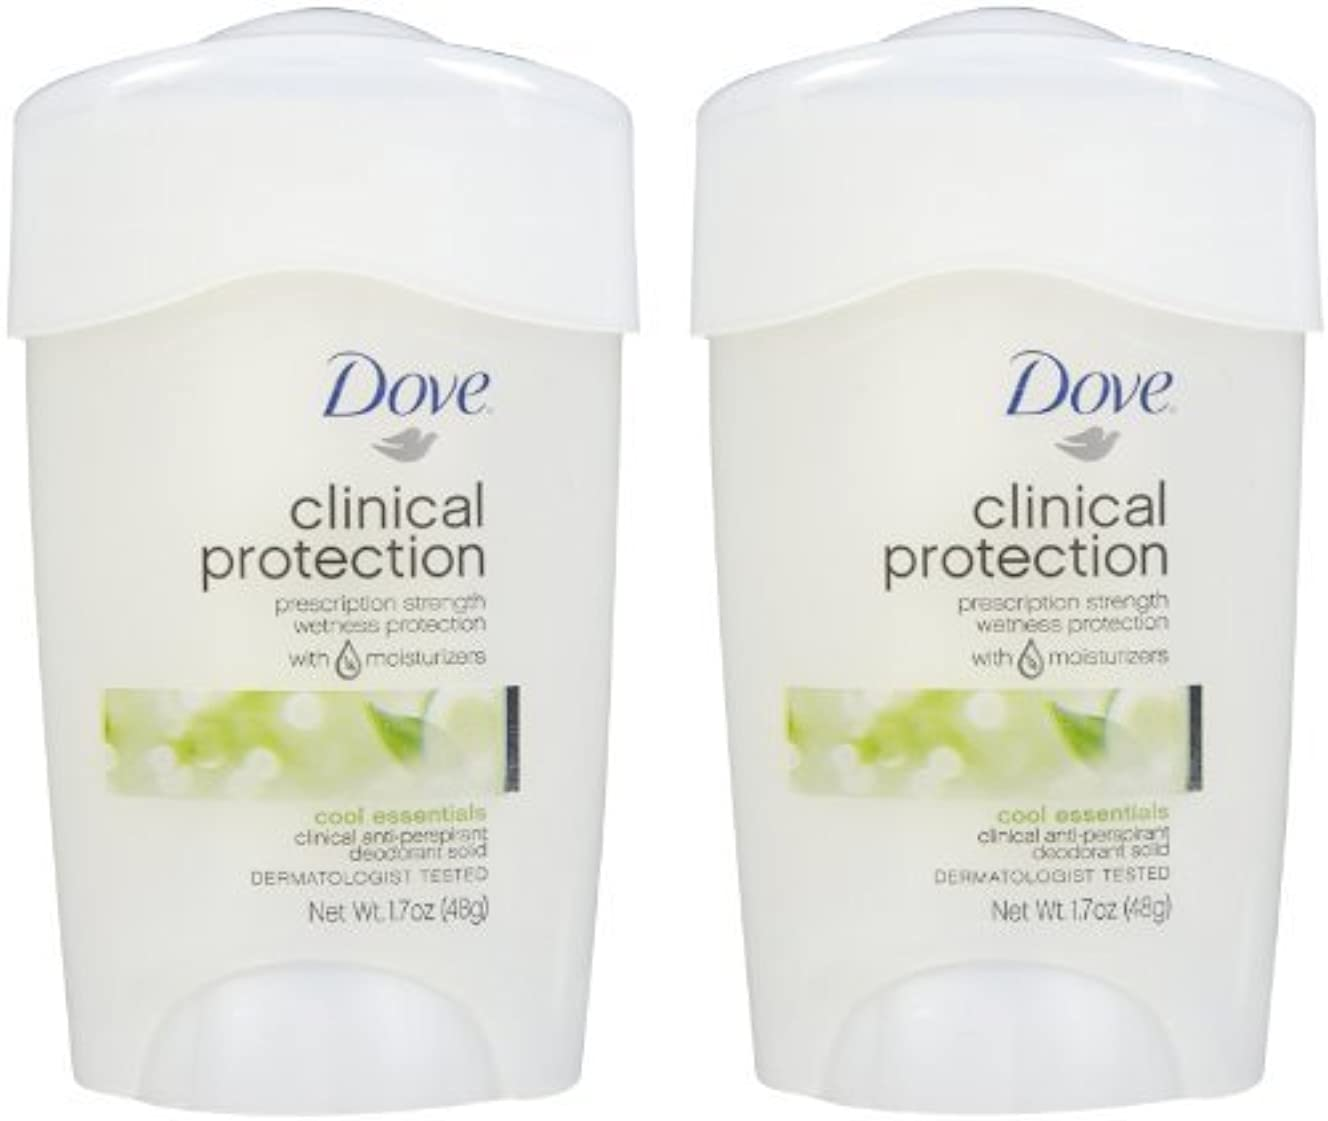 オフセットポルティコボーカルDove Clinical Protection Antiperspirant & Deodorant, Cool Essentials - 1.7 oz - 2 pk by Unilever [並行輸入品]